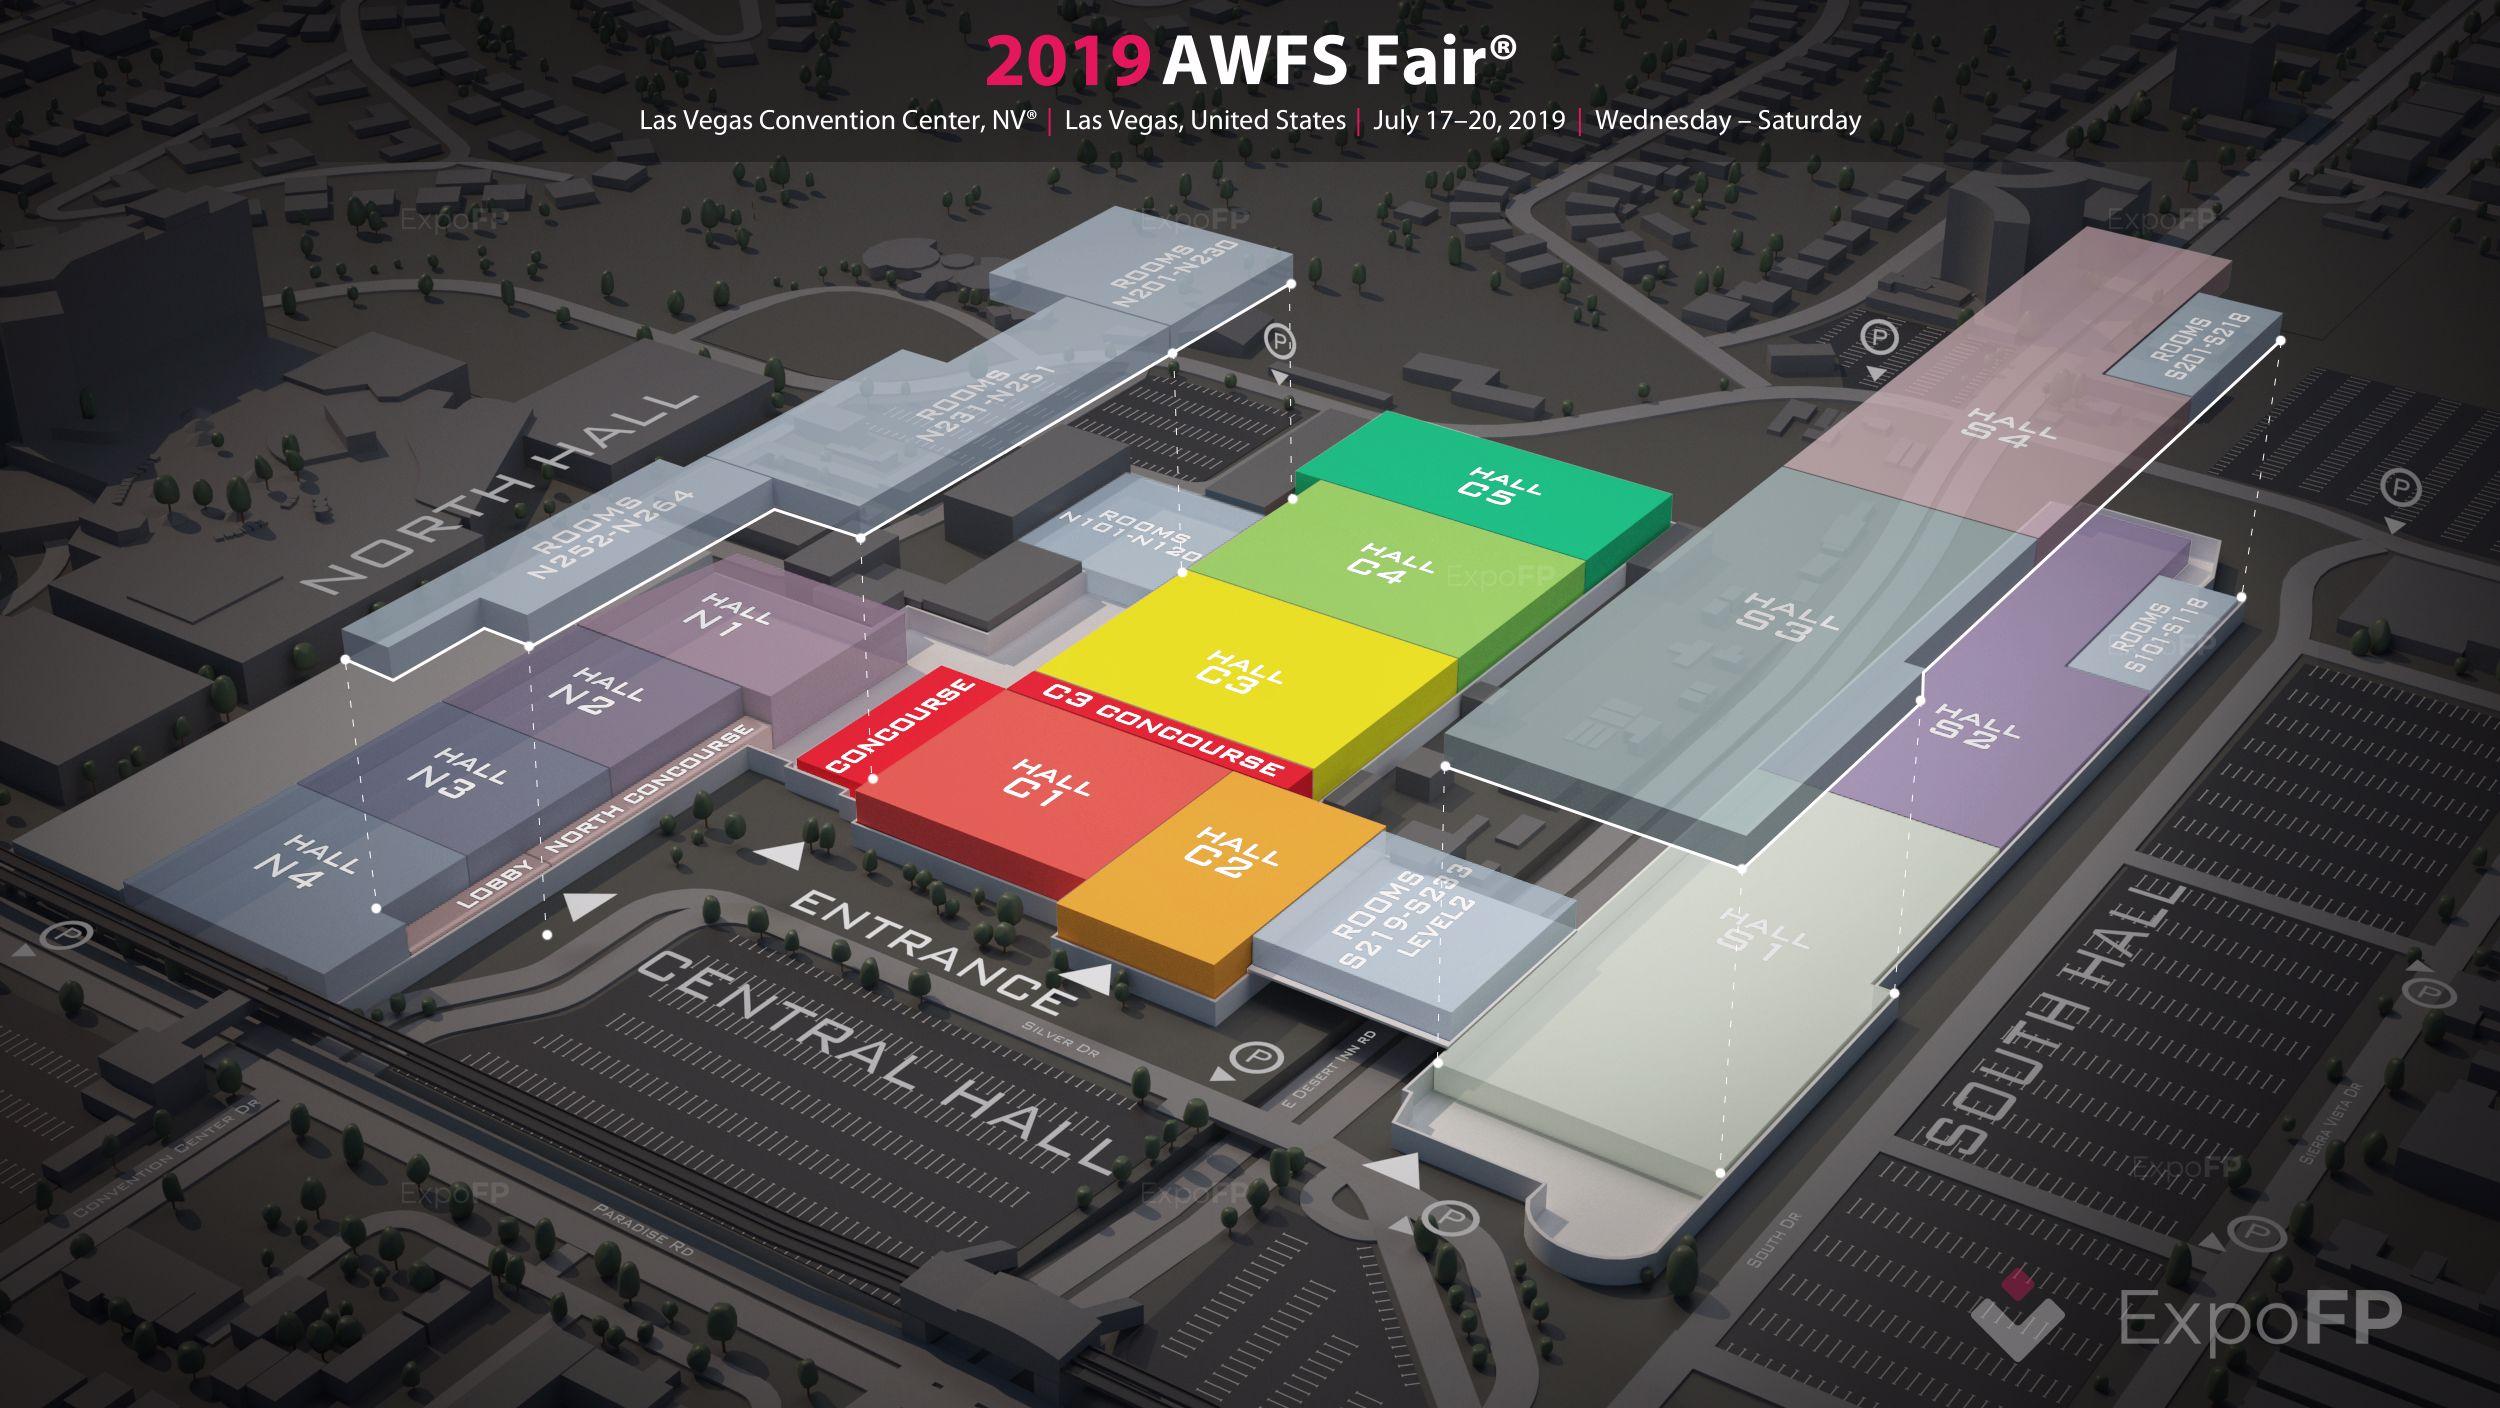 Awfs Fair 2019 In Las Vegas Convention Center